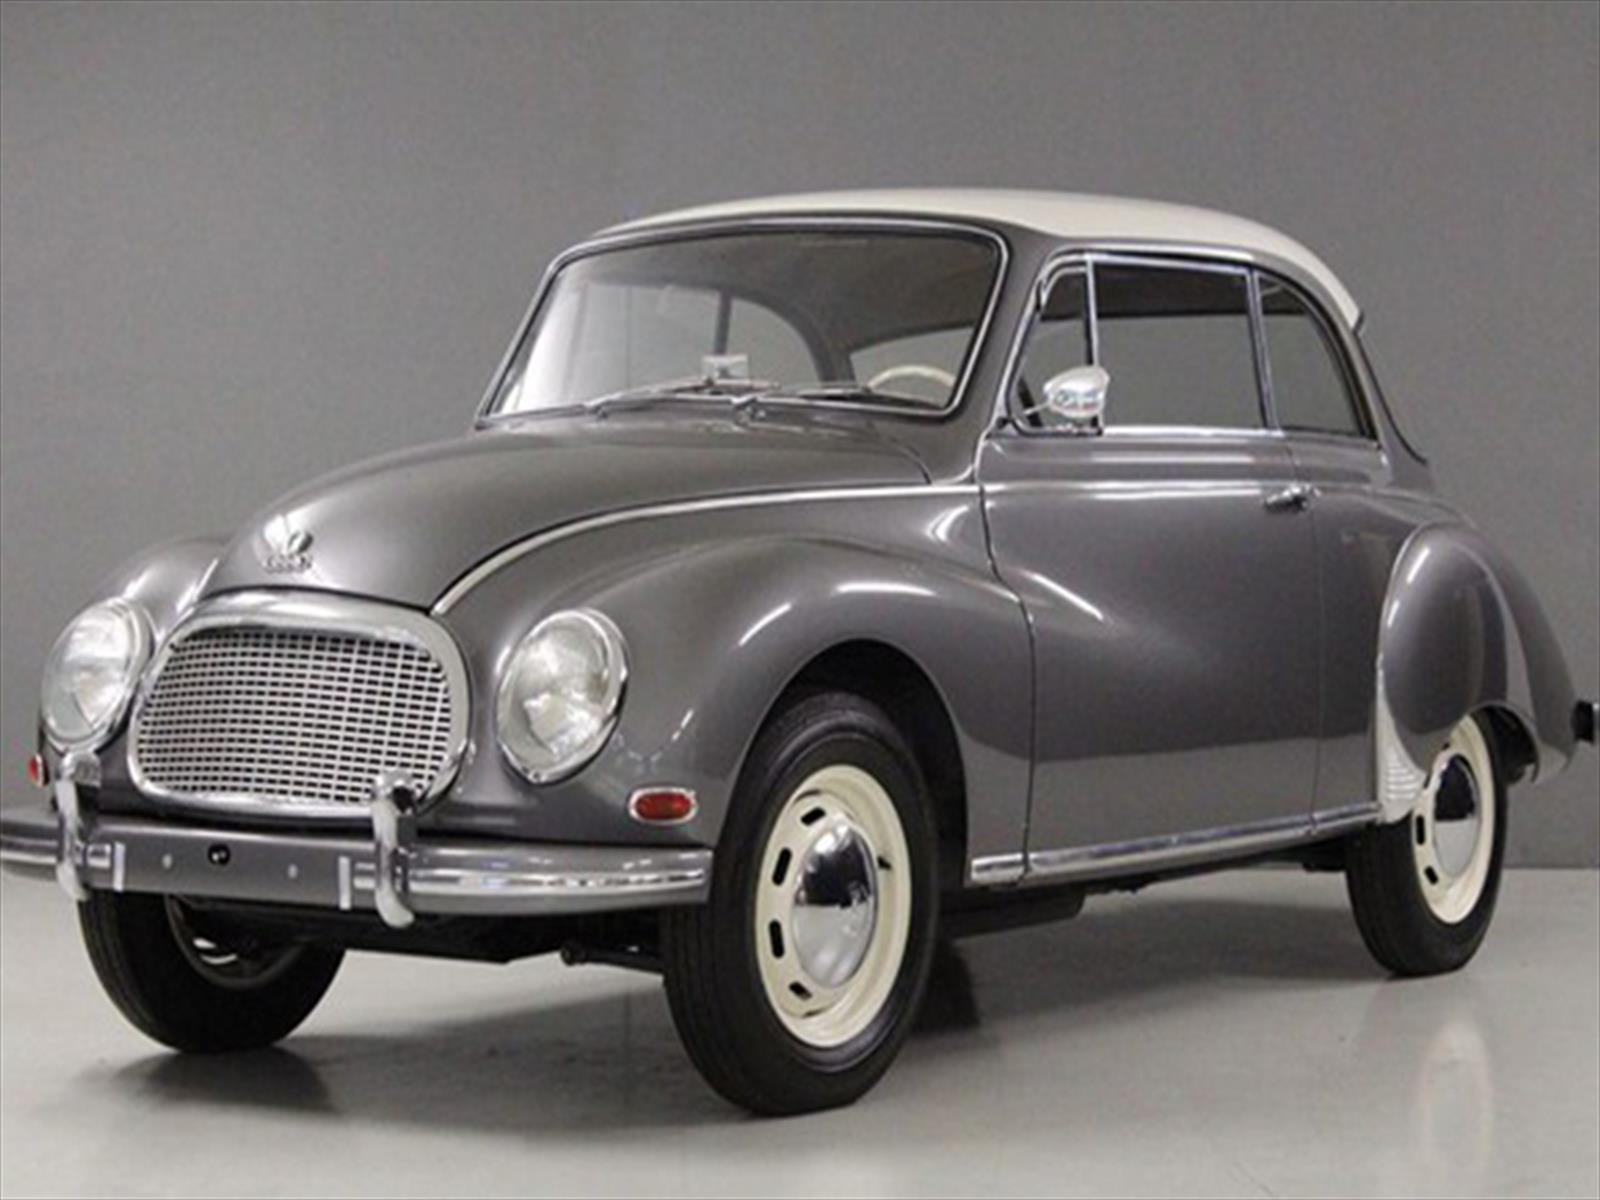 Habr 225 Museo Rodante De Audi En M 233 Xico Con Autos Cl 225 Sicos